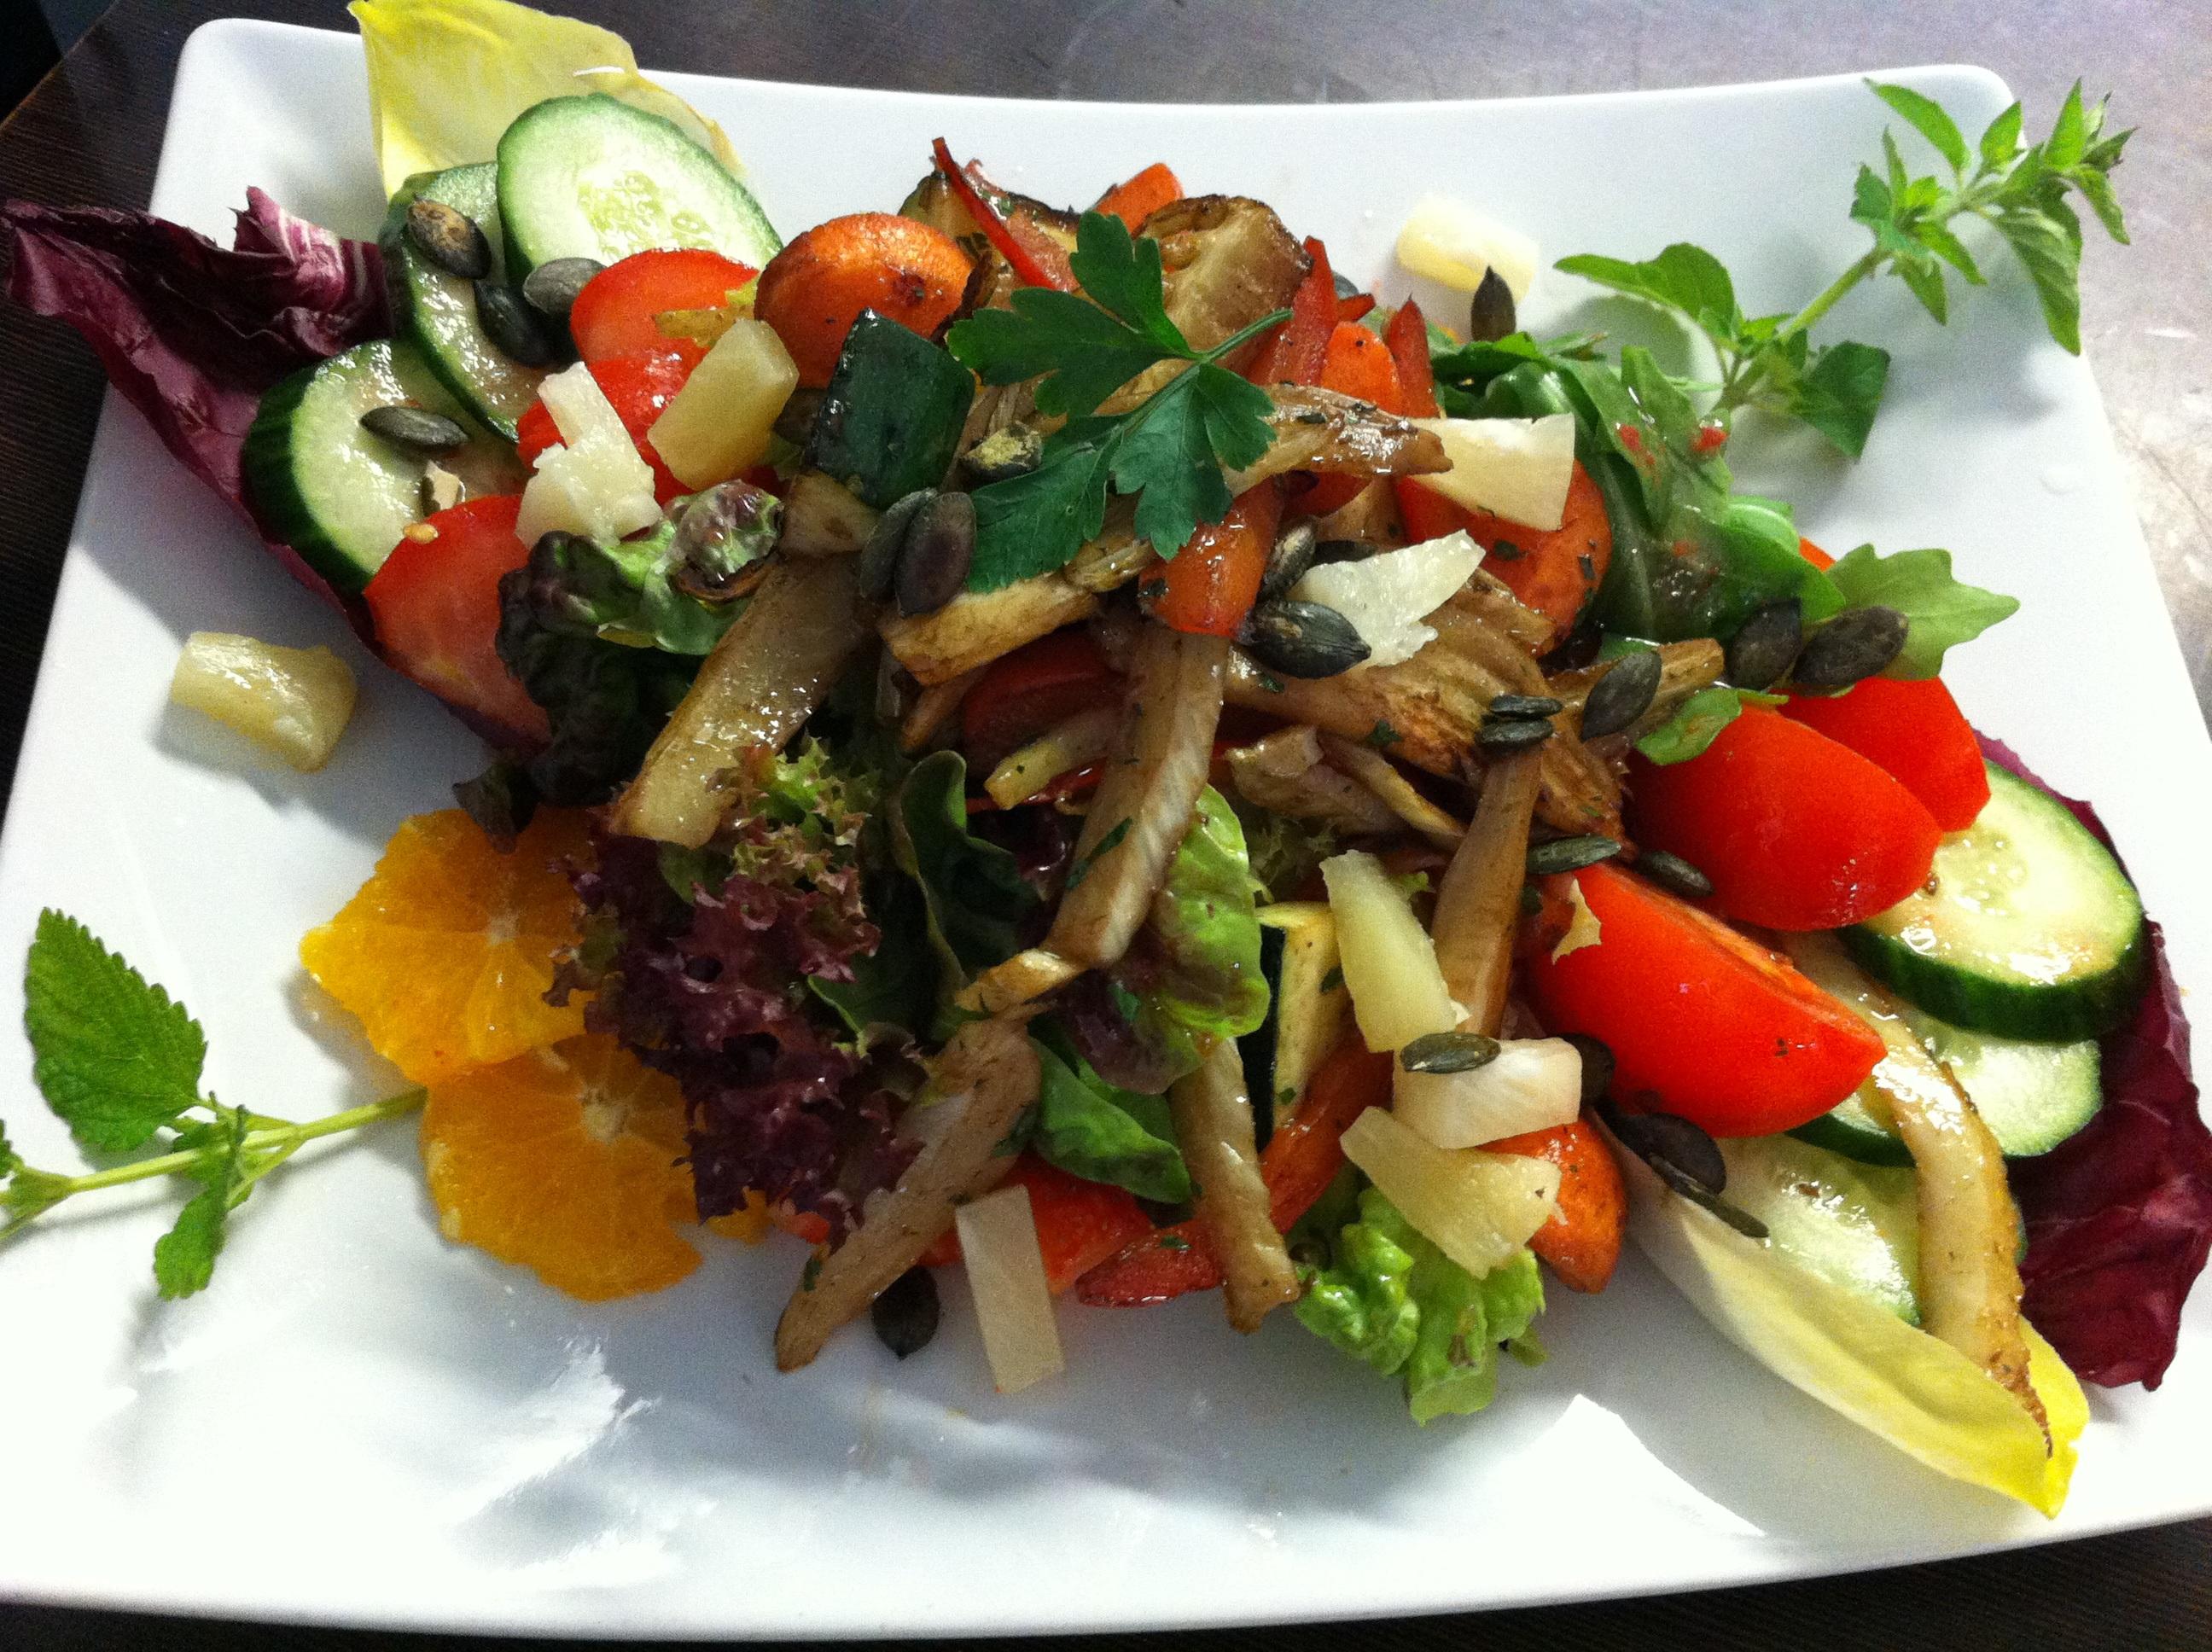 Gratis afbeeldingen schotel maaltijd produceren groente vlees keuken vegetarisch eten - Snack eten ...